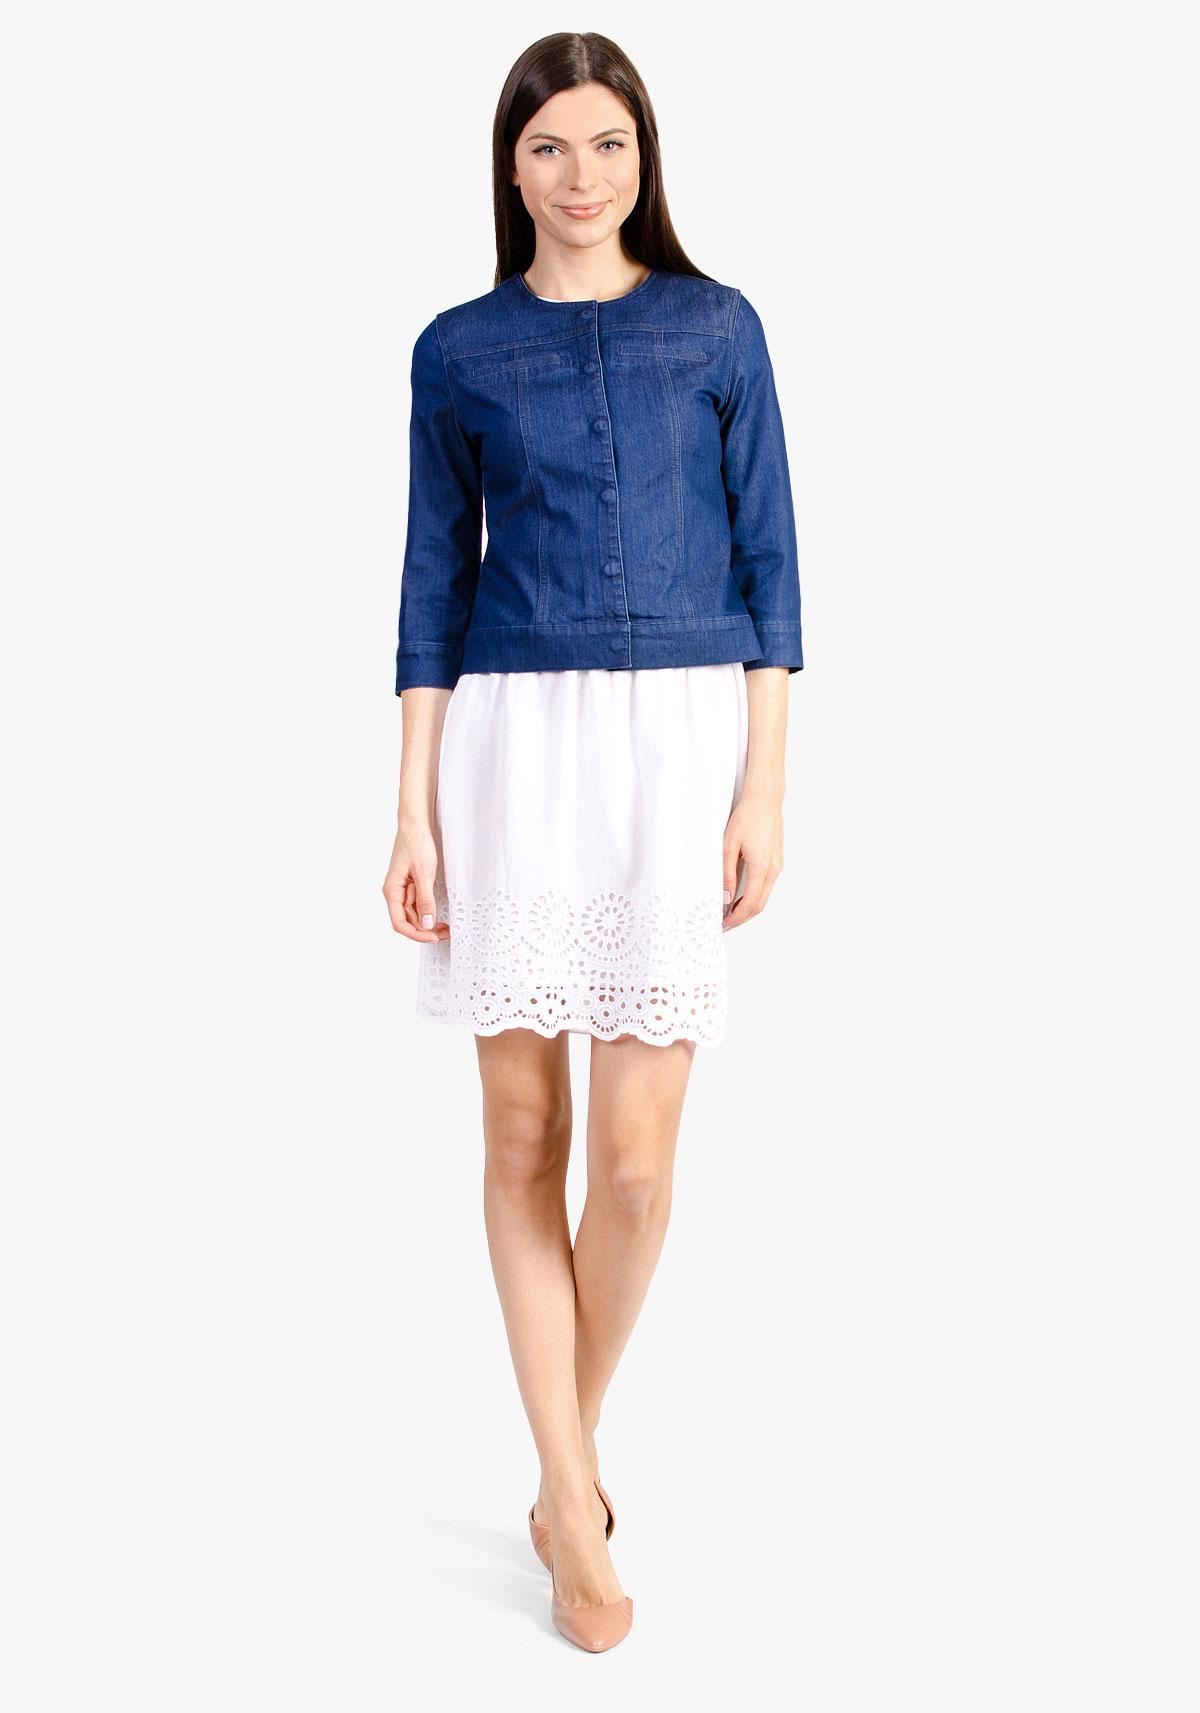 Каталоги женской одежды онлайн доставка